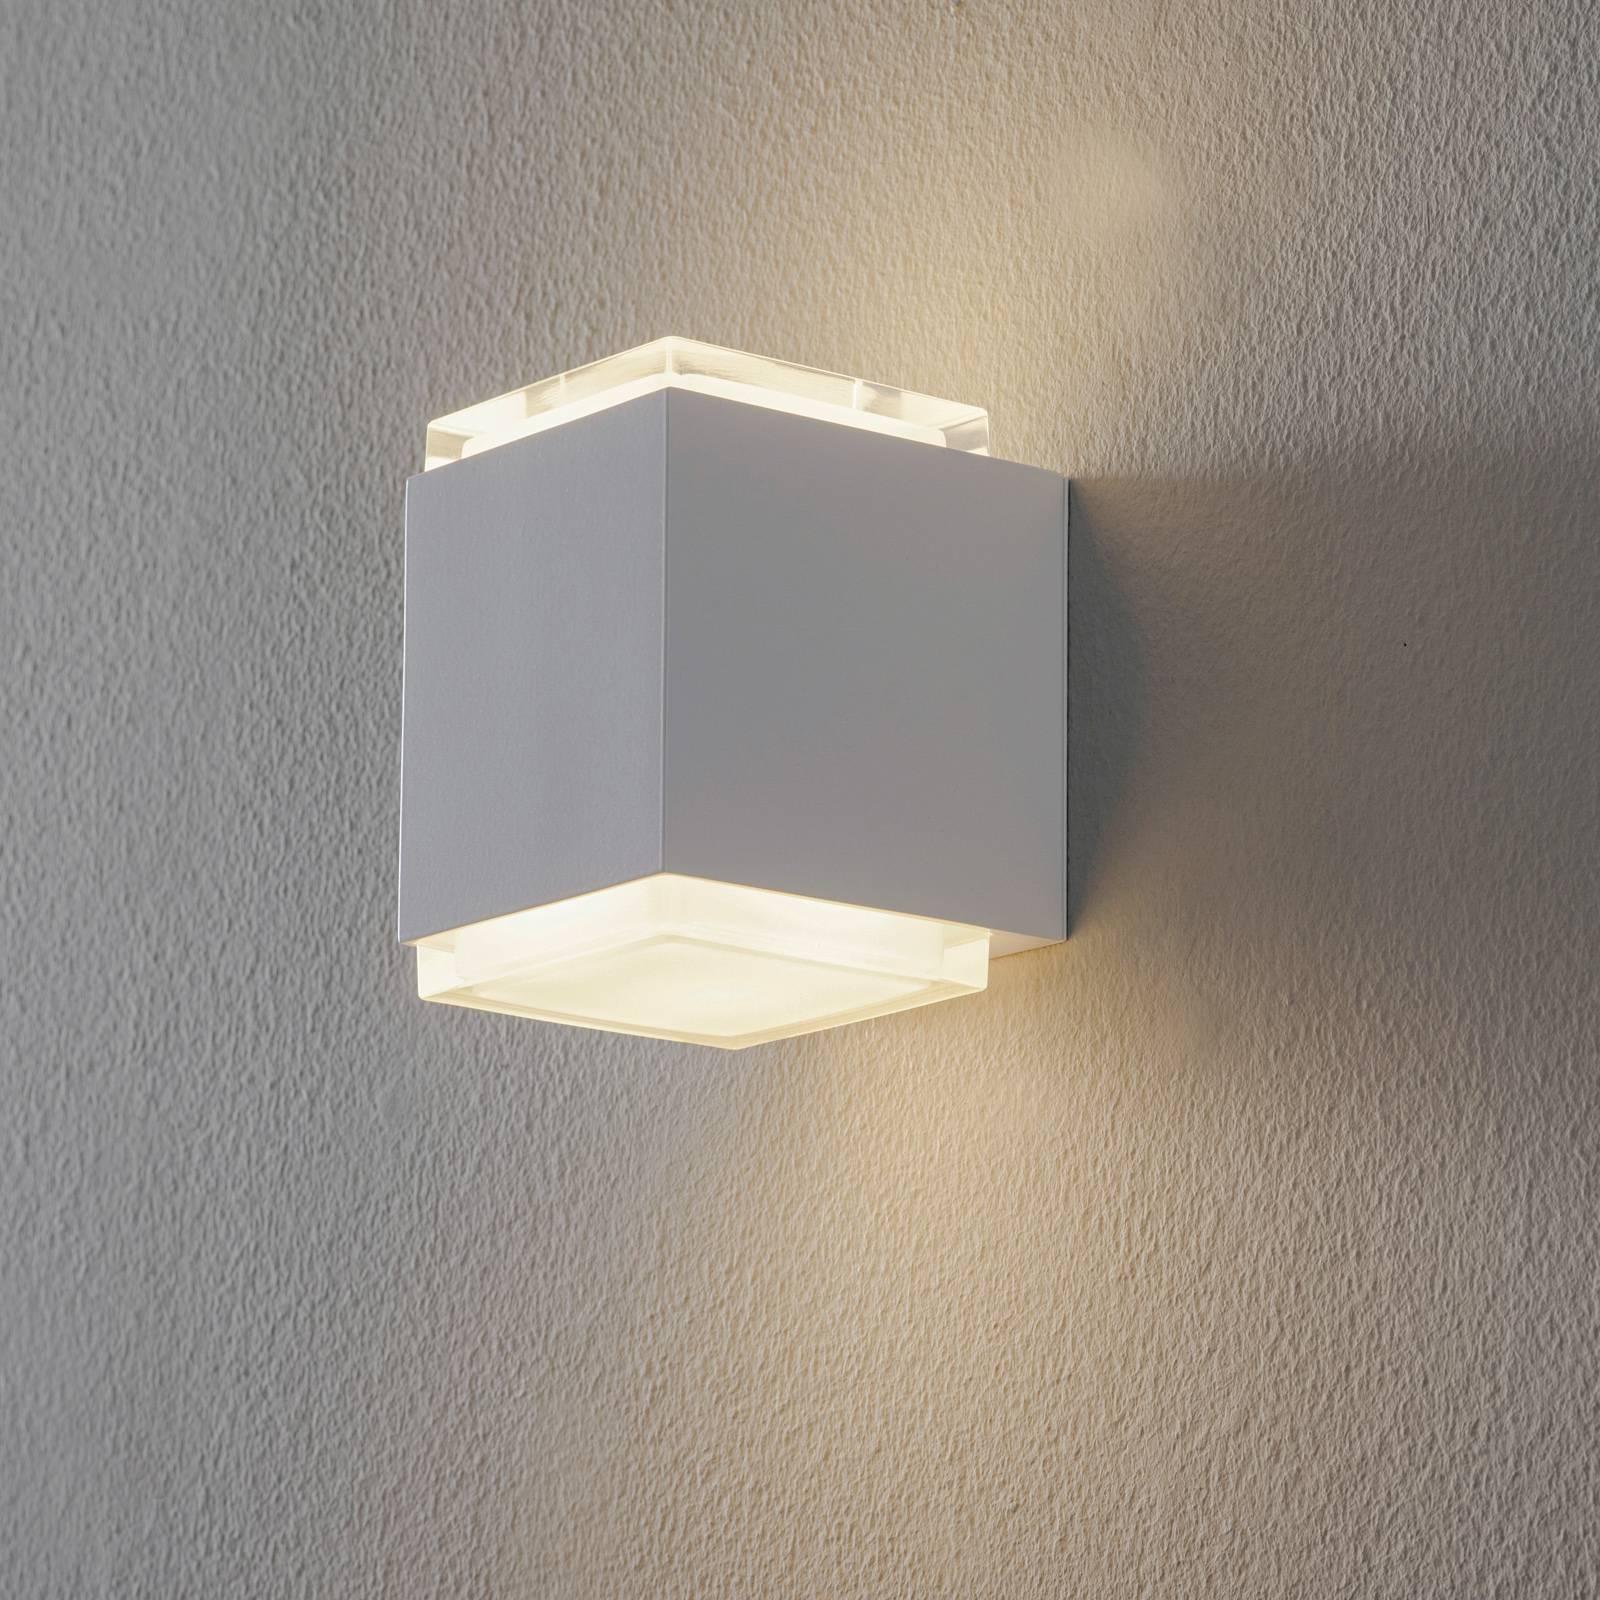 BEGA 50063 LED wandlamp 3.000K 9 cm wit